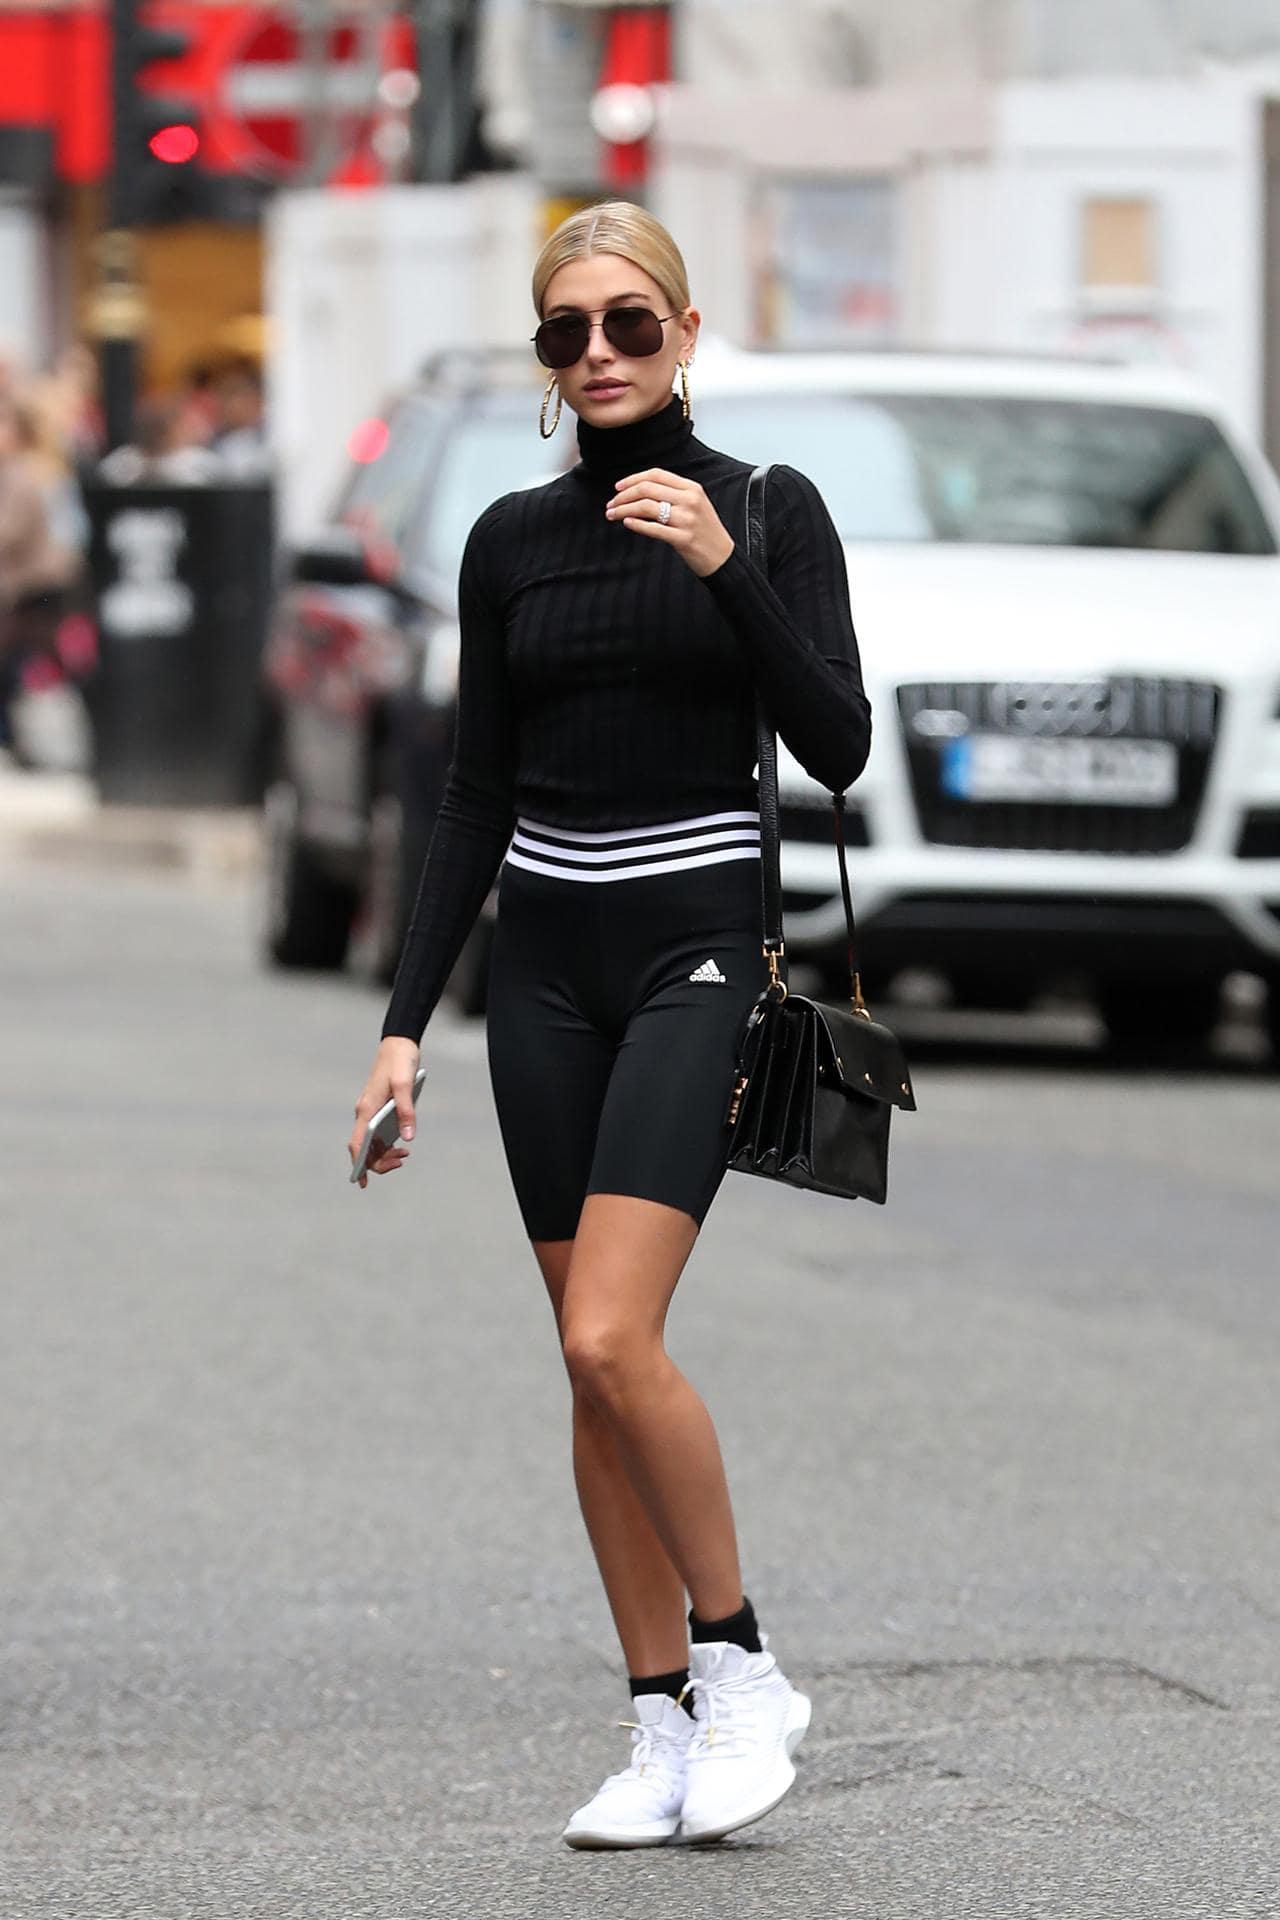 hailey bieber mặc đẹp với giày tennis trắng và trang phục đen